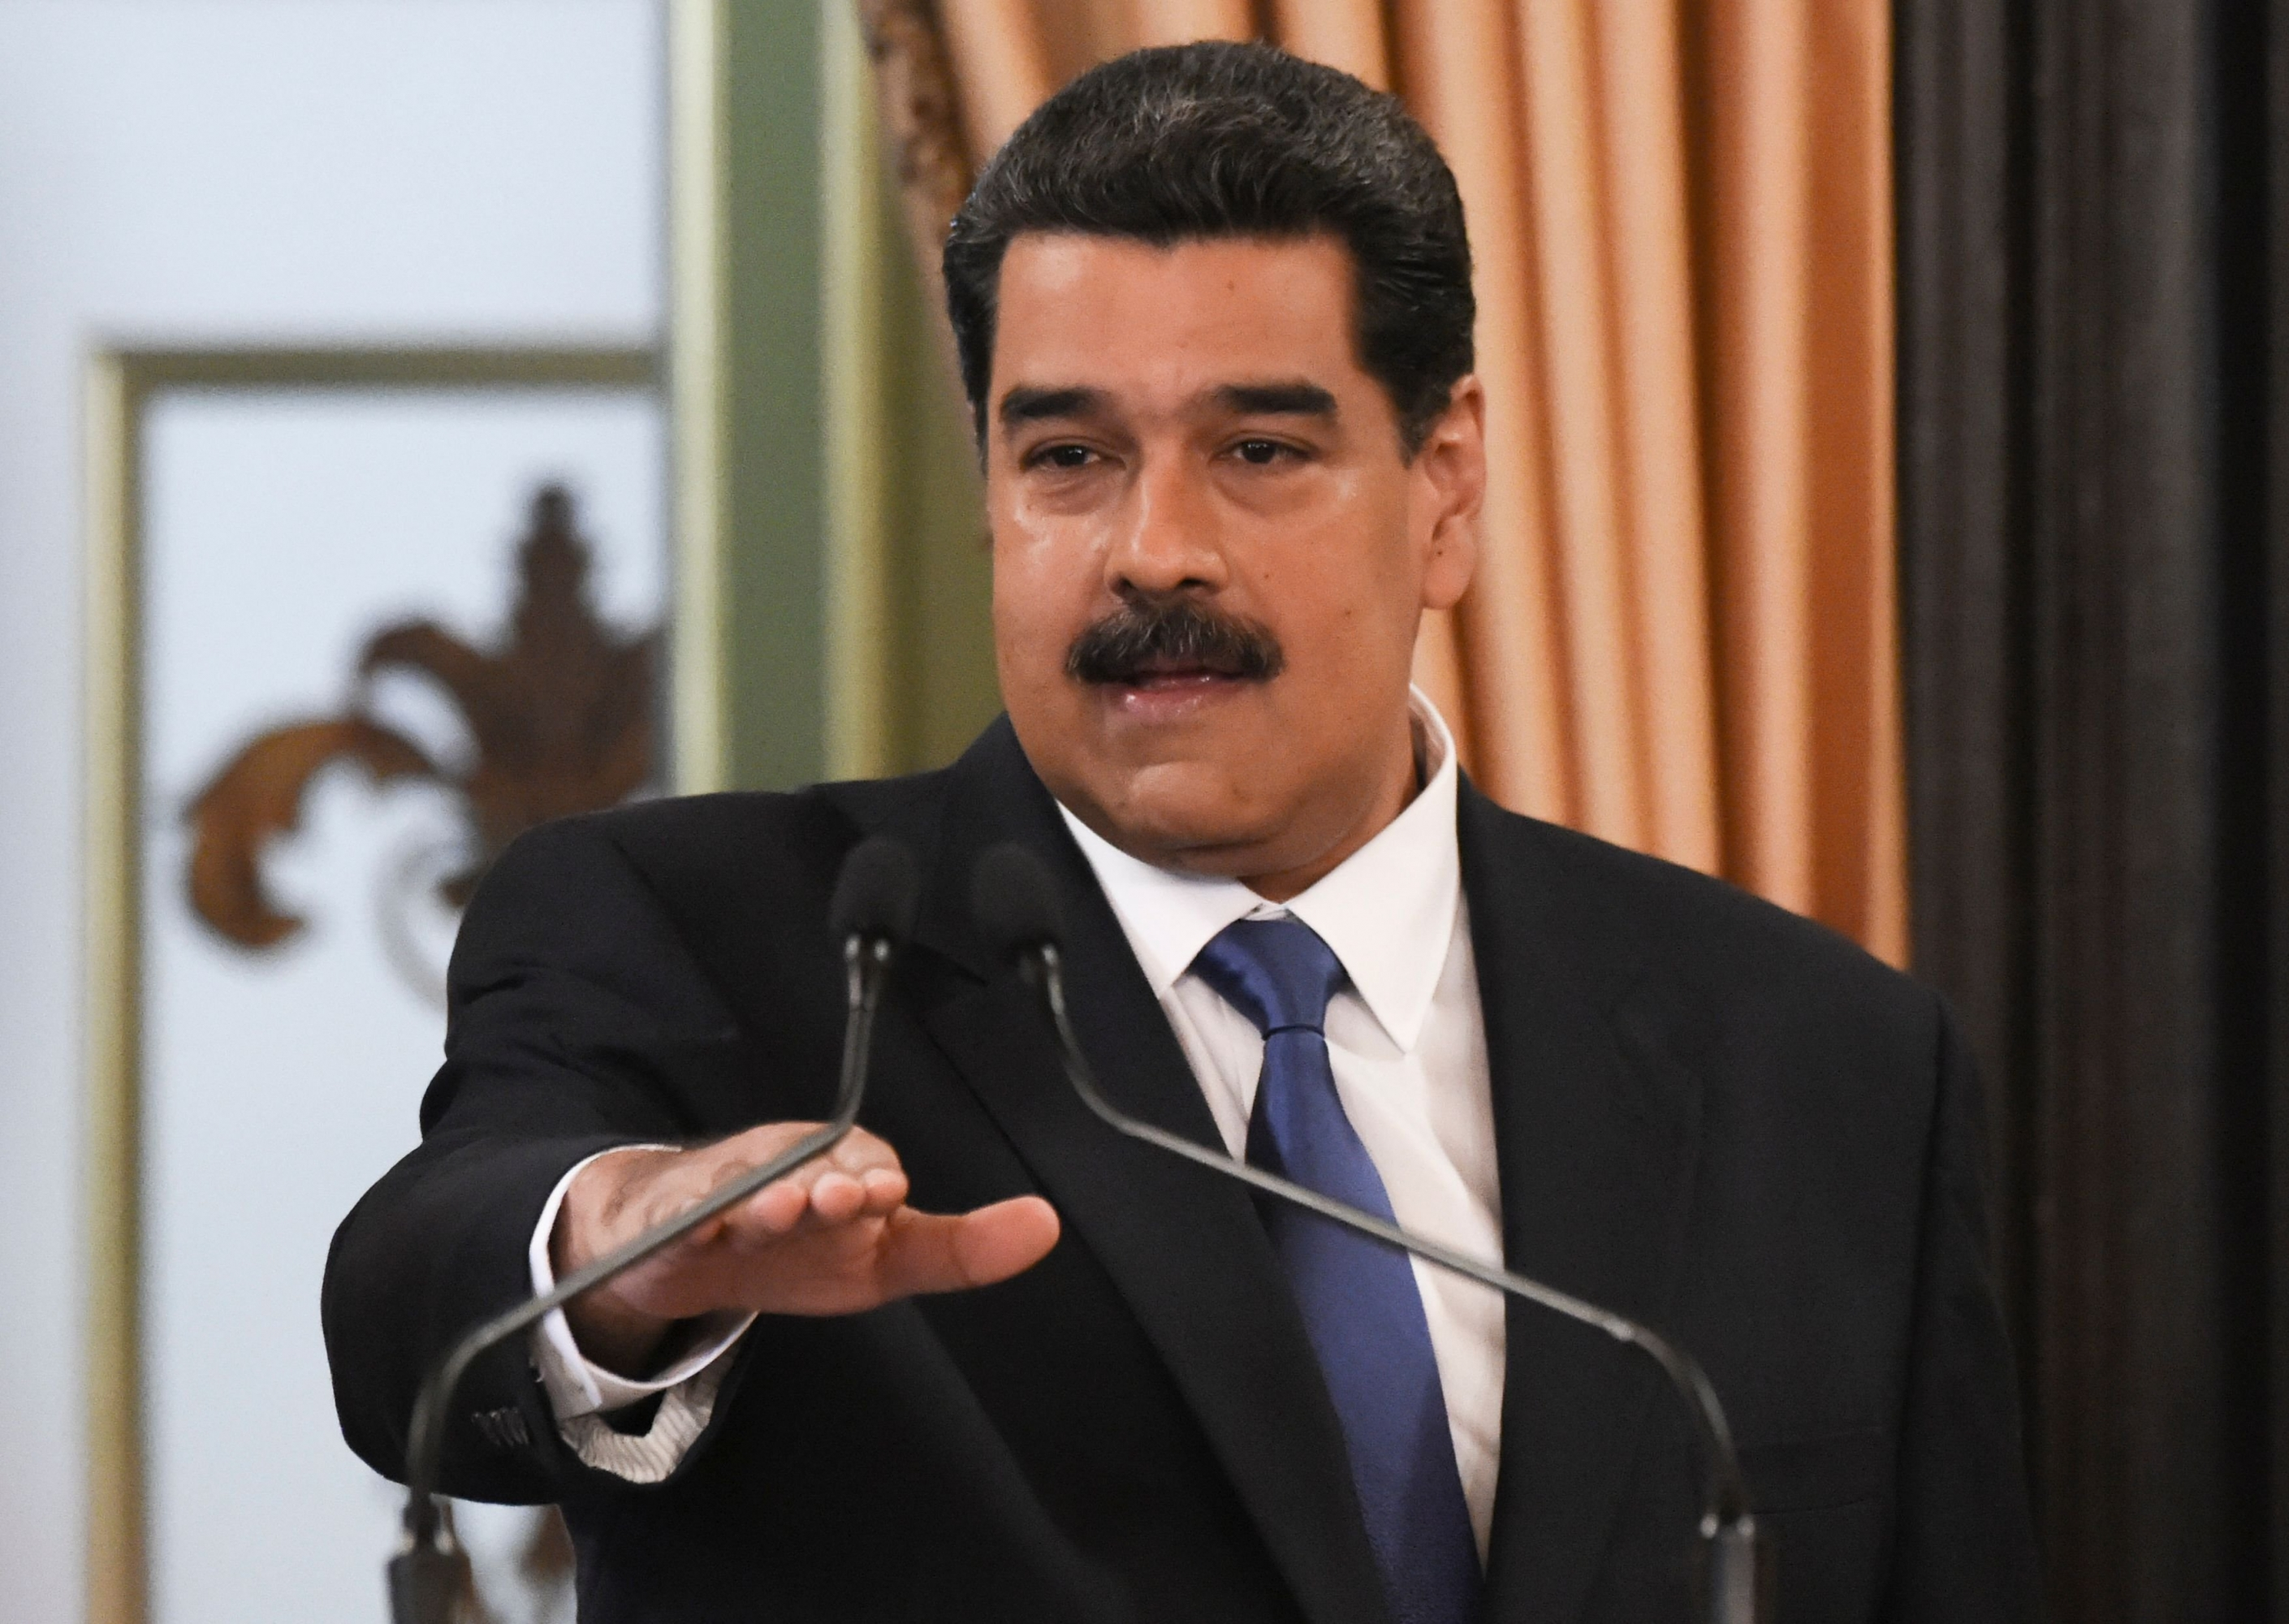 Gobierno de Maduro pide apoyo en la ONU contra eventual intervención armada